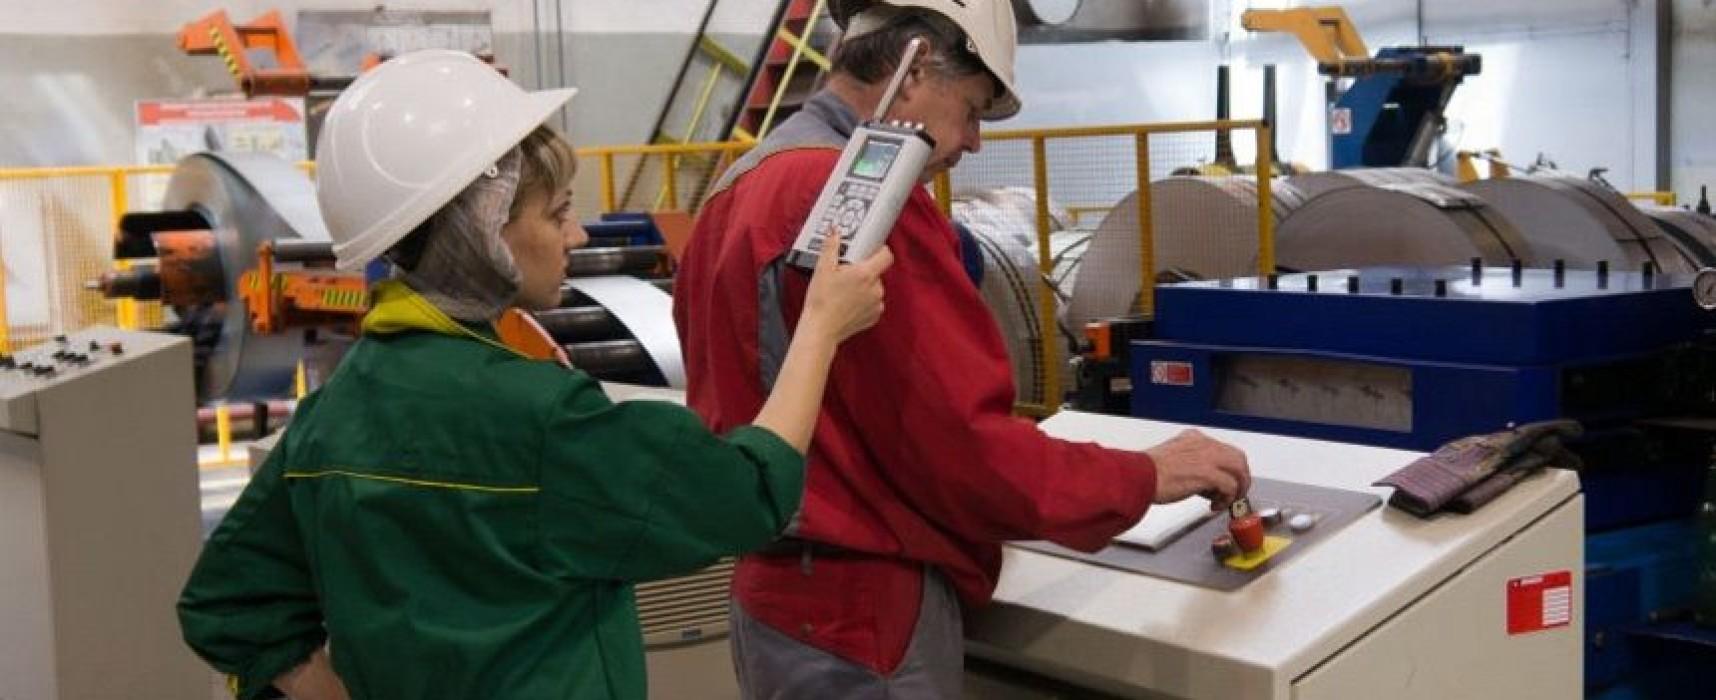 Специальная оценка рабочих мест по условиям труда для малых предприятий